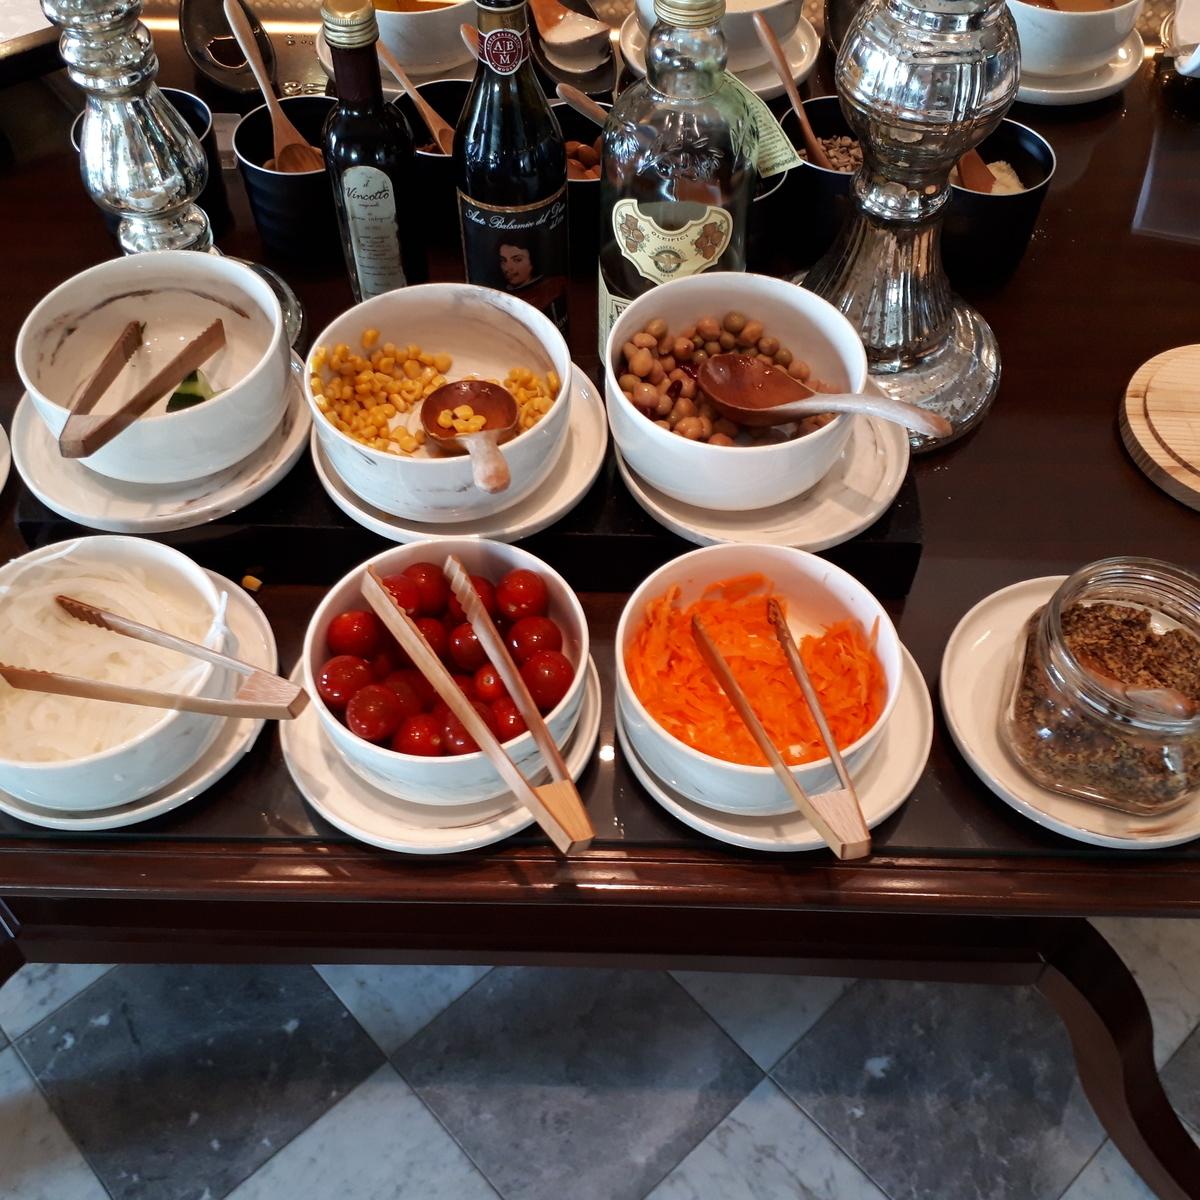 リッツカールトン大阪 クラブラウンジ 朝食 サラダ